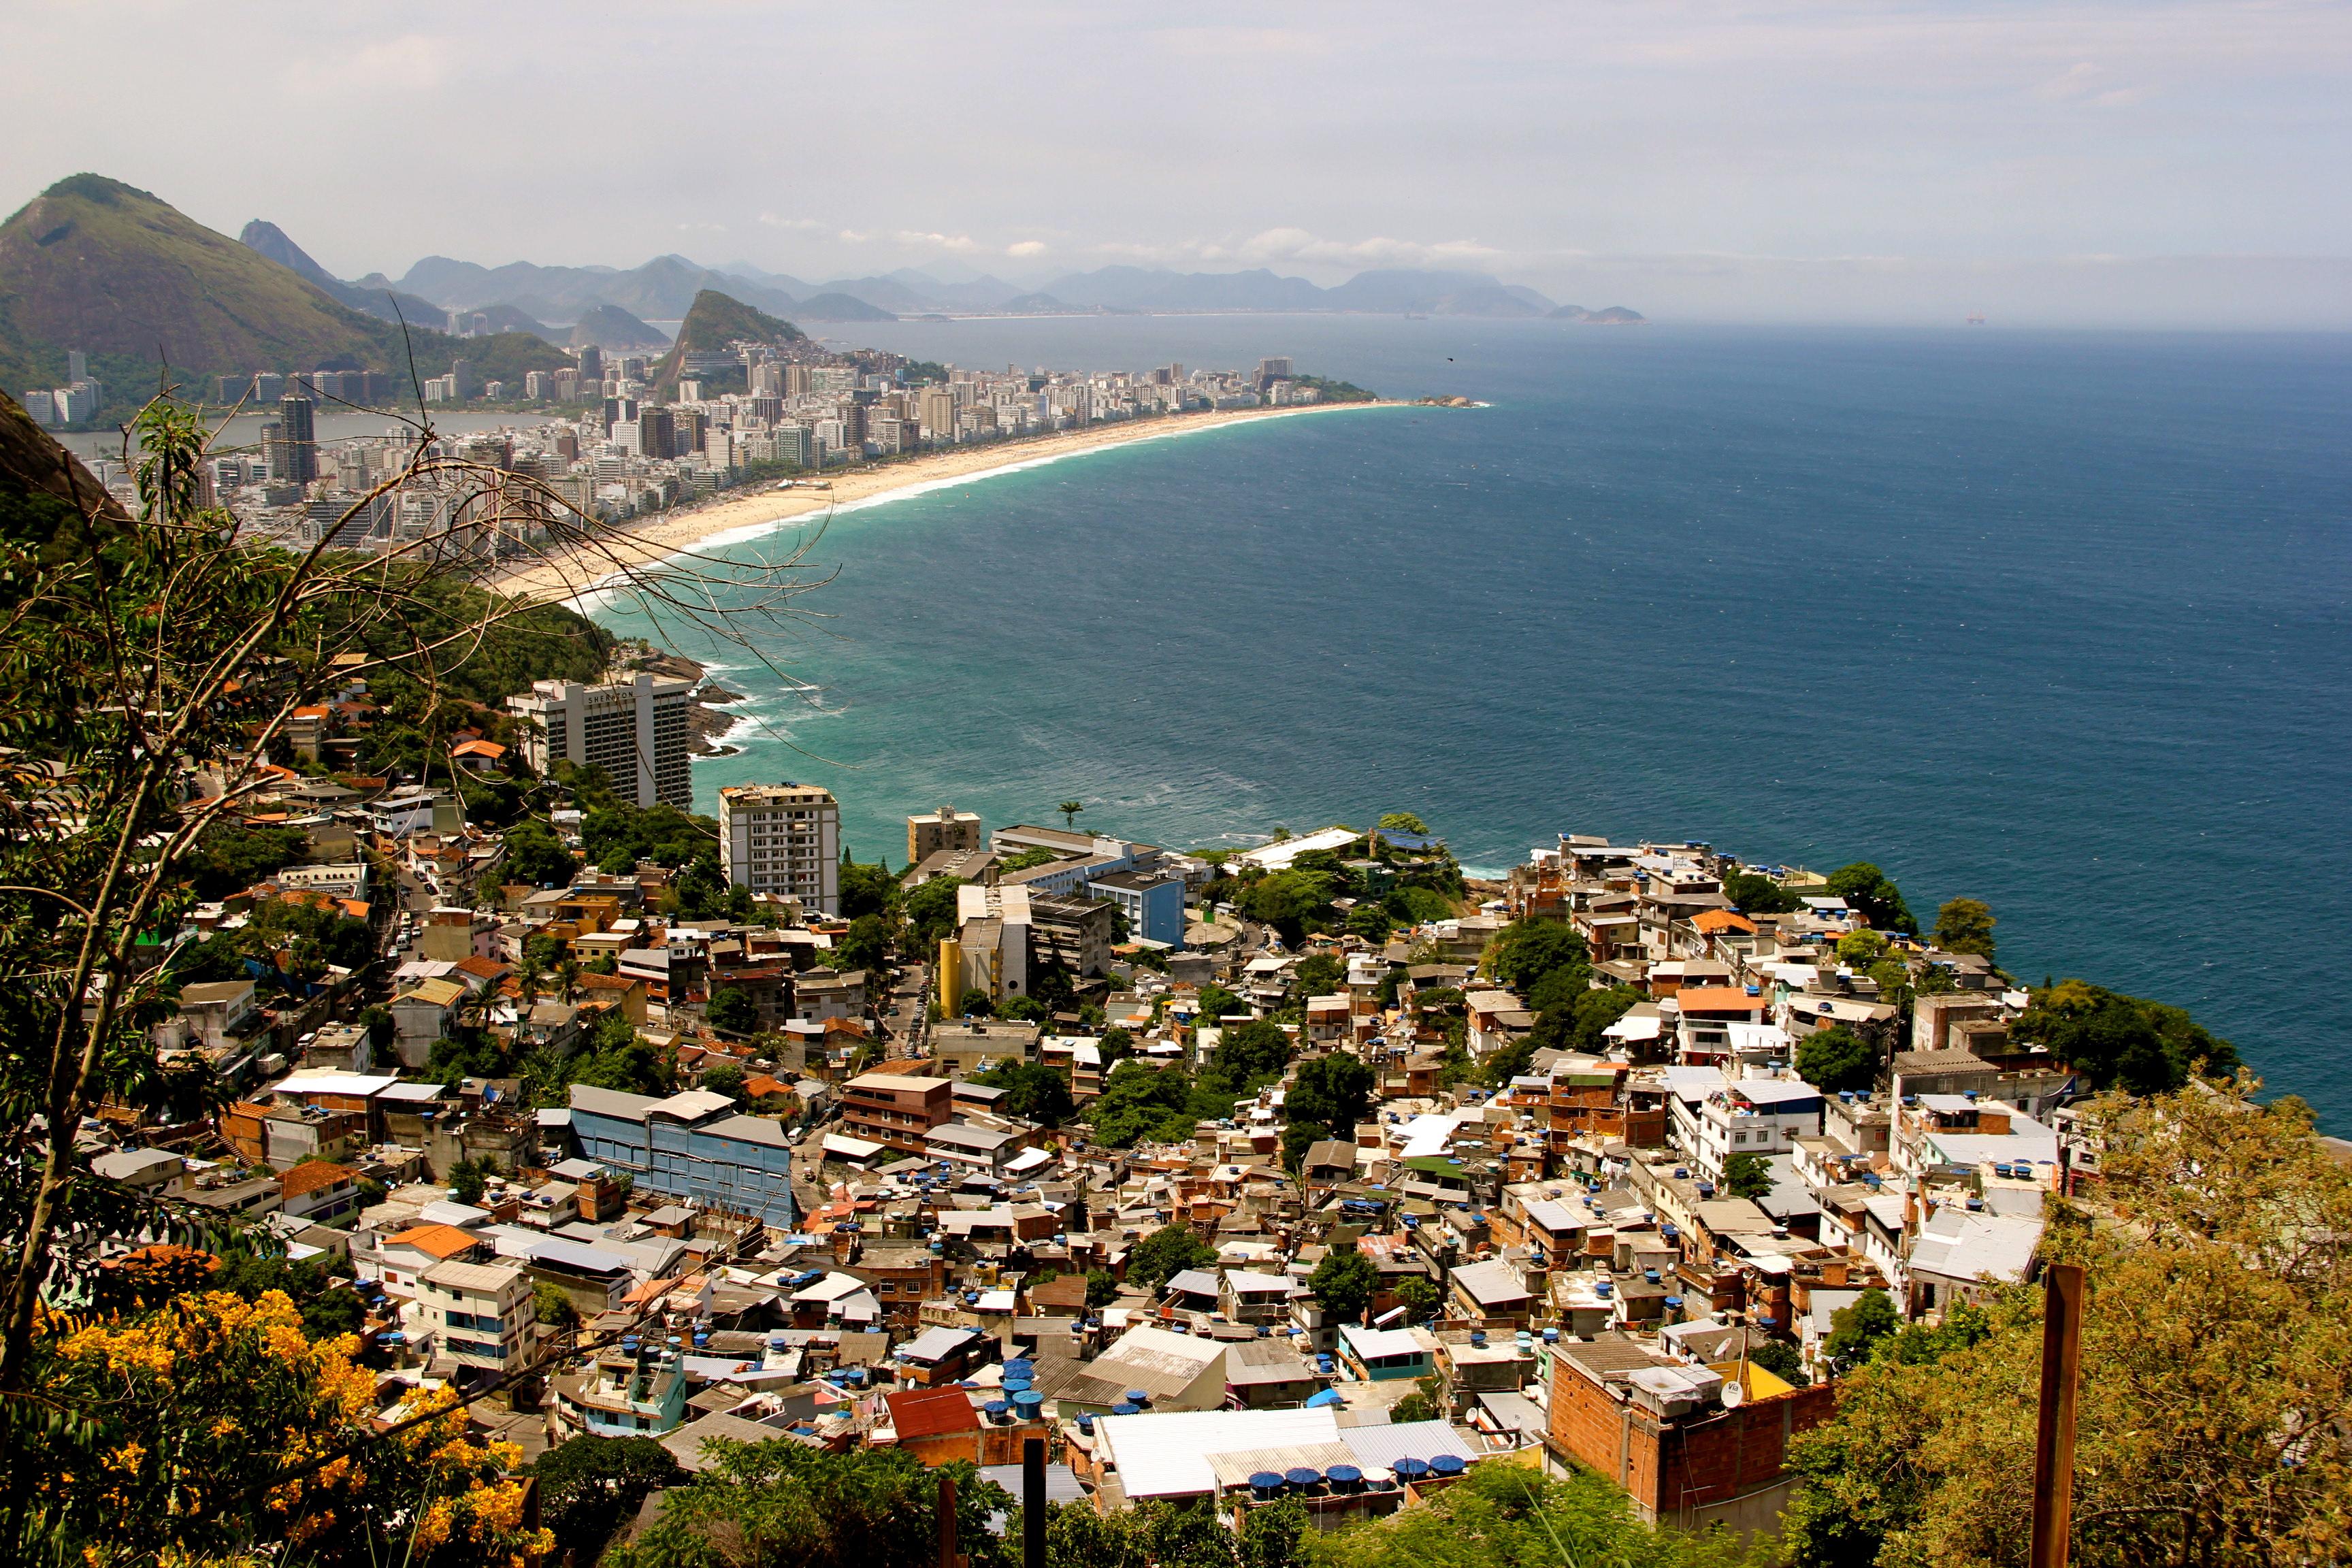 Rio-Giorno 23